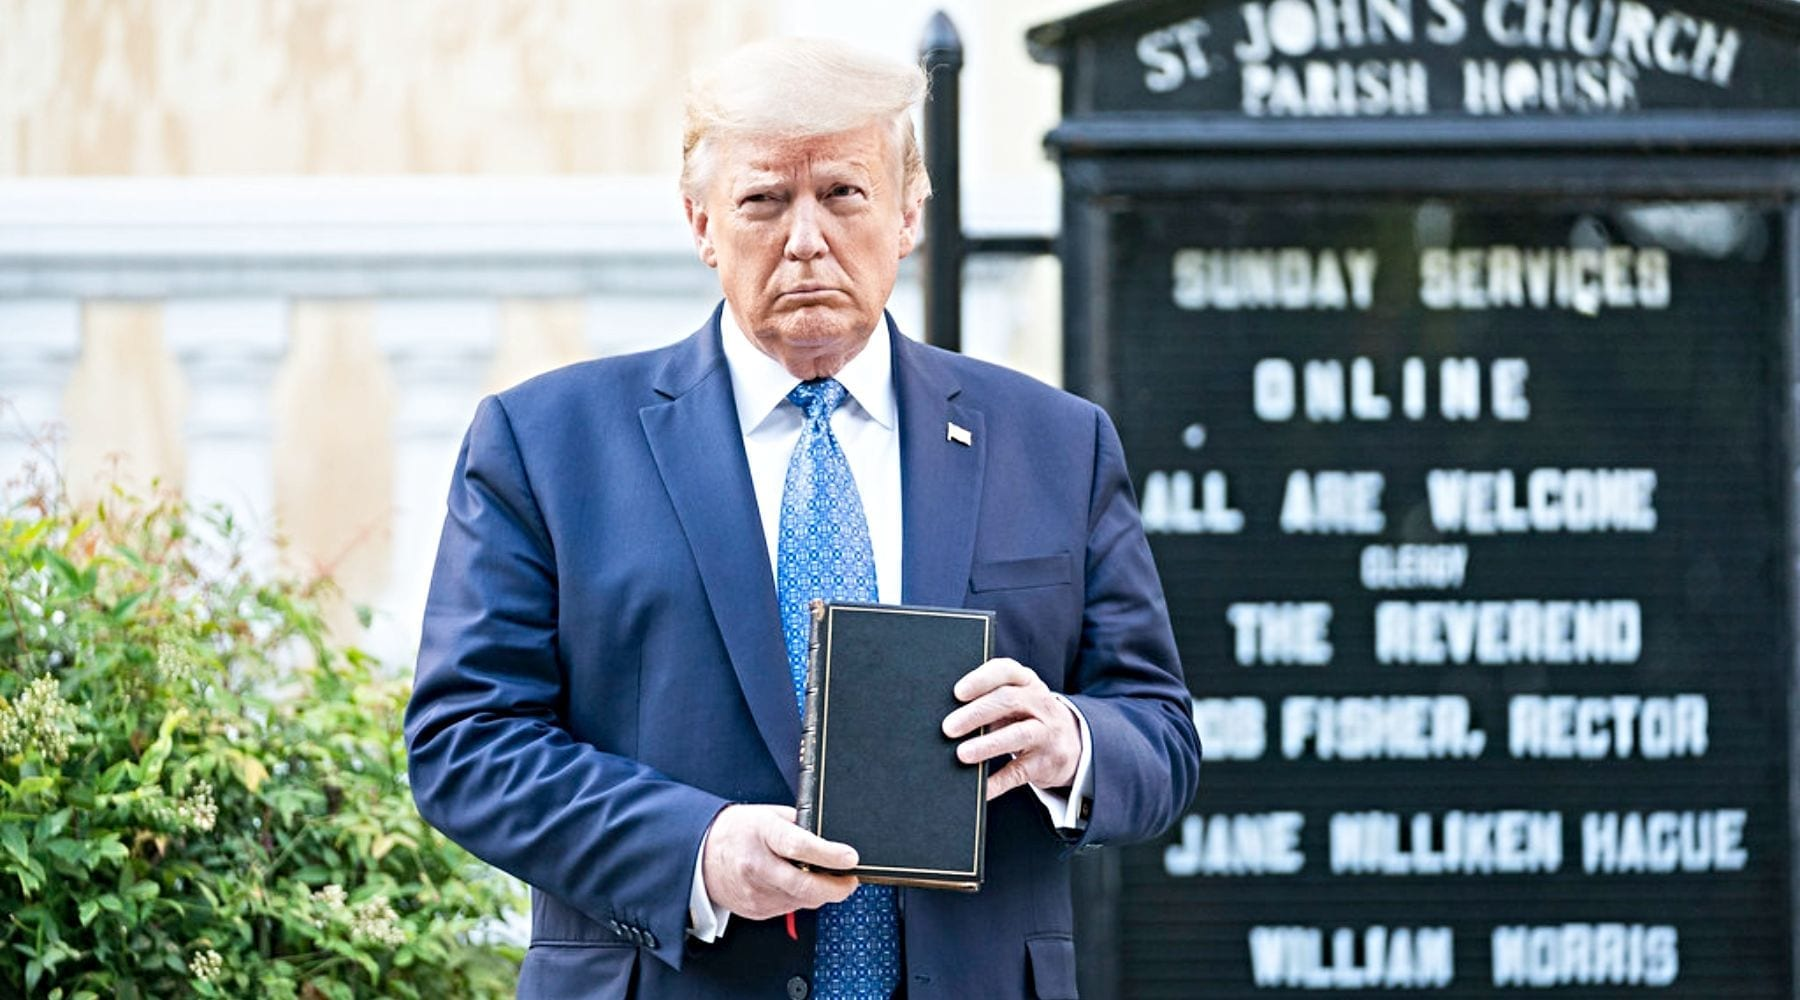 President's Photo-Op Co-opts Gospel for Non-Gospel Agenda